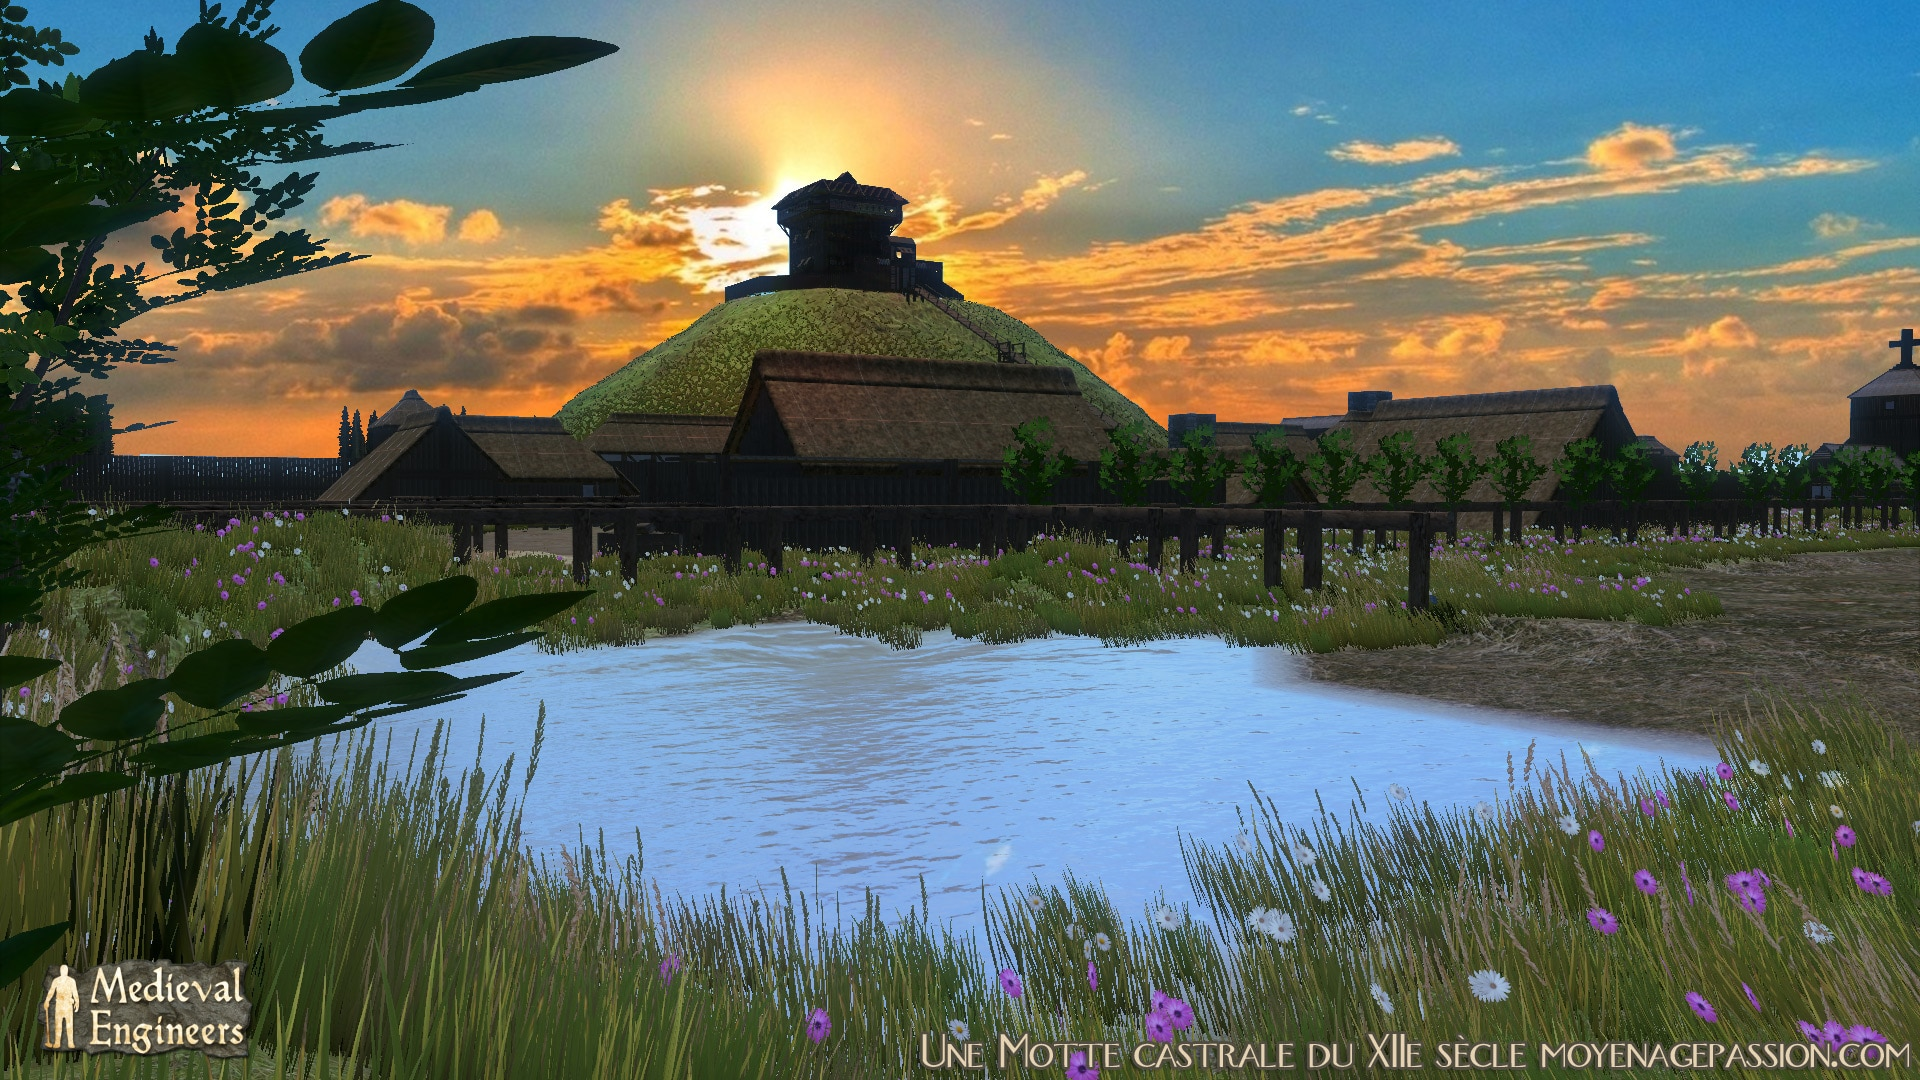 Coucher de soleil buccolique sur la motte castrale et sa tour maîtresse